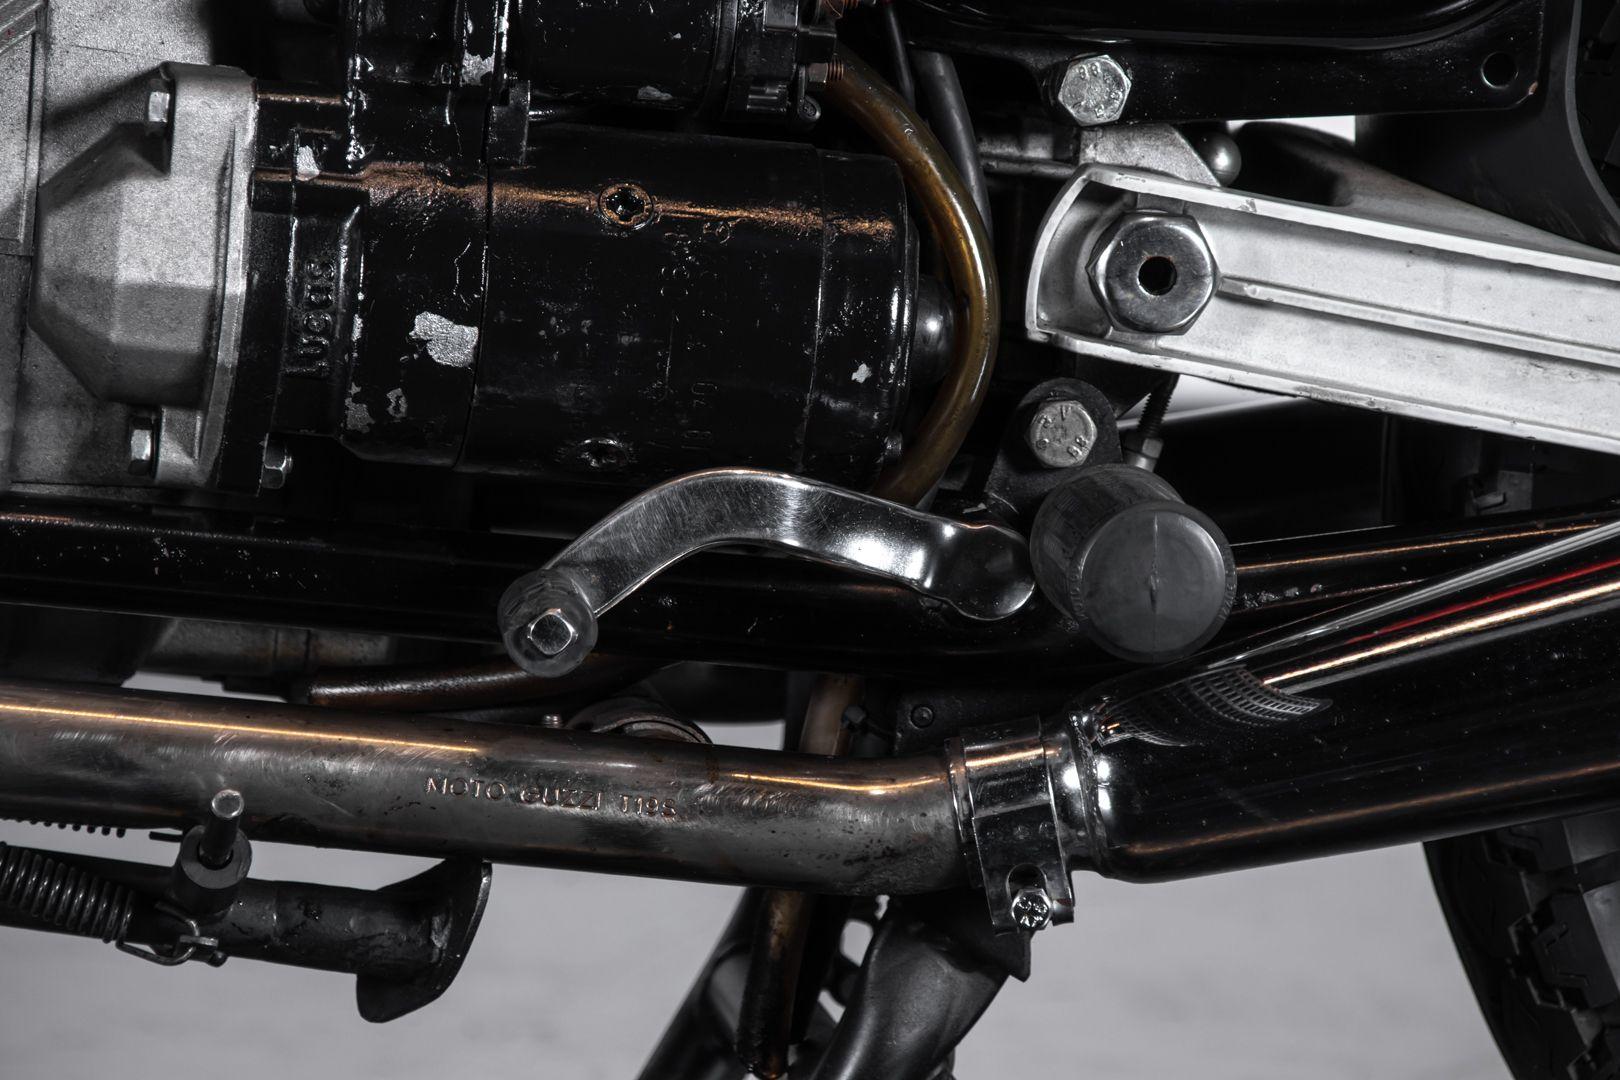 1982 Moto Guzzi 350 Imola 78824